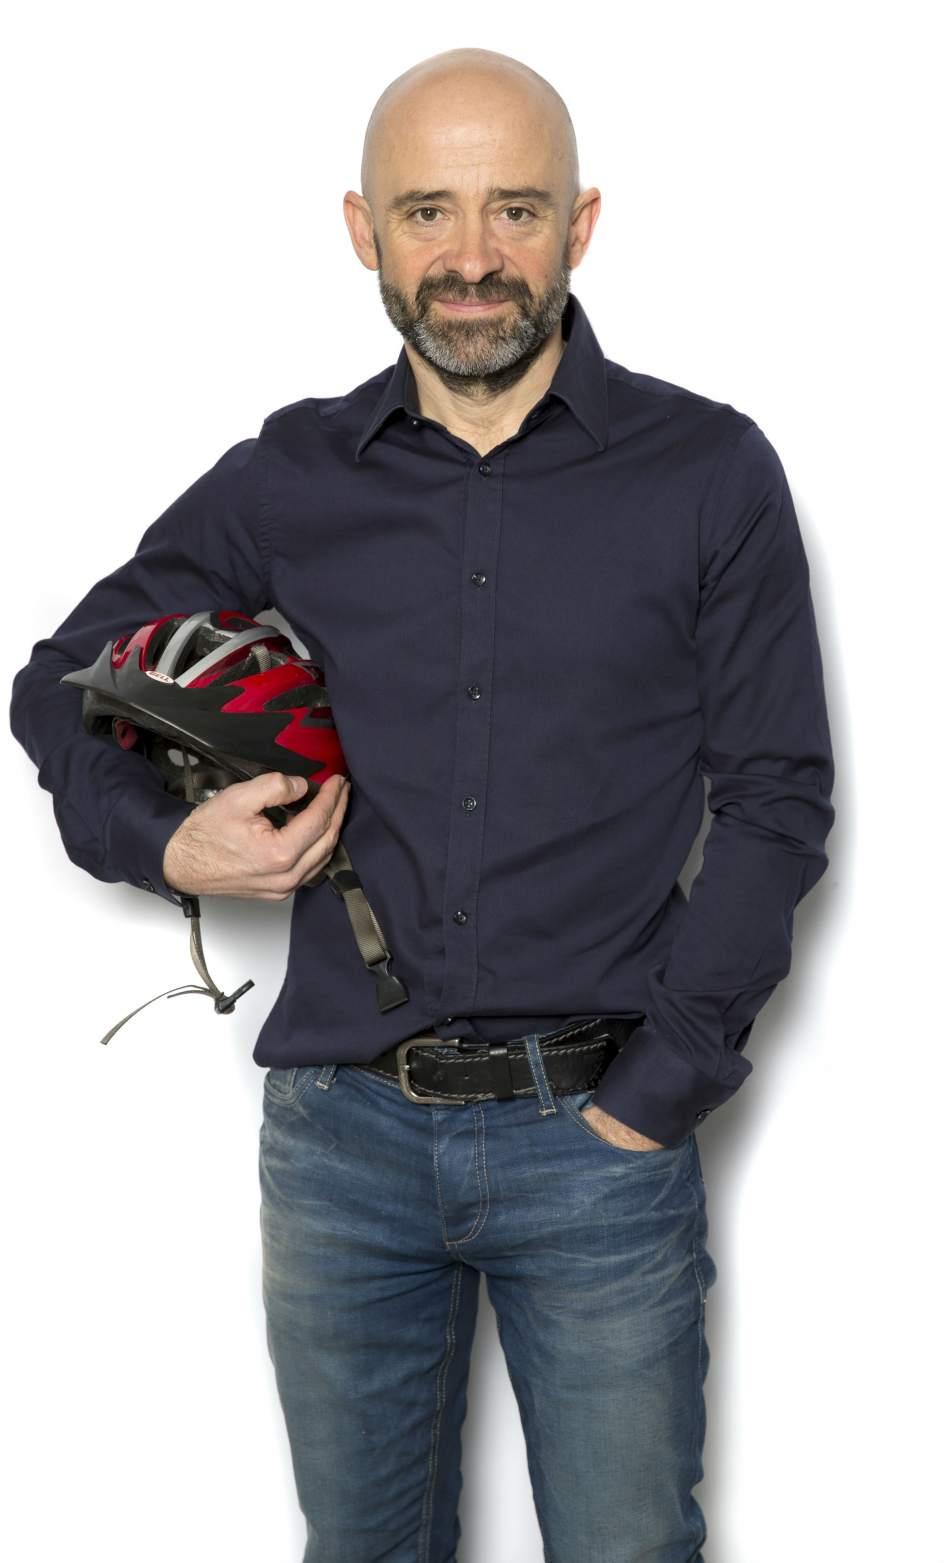 Antonio Lobato quiere rebelarse contra el GPS. El periodista Antonio Lobato habla sobre cómo ha cambiado su vida en estos 15 años.